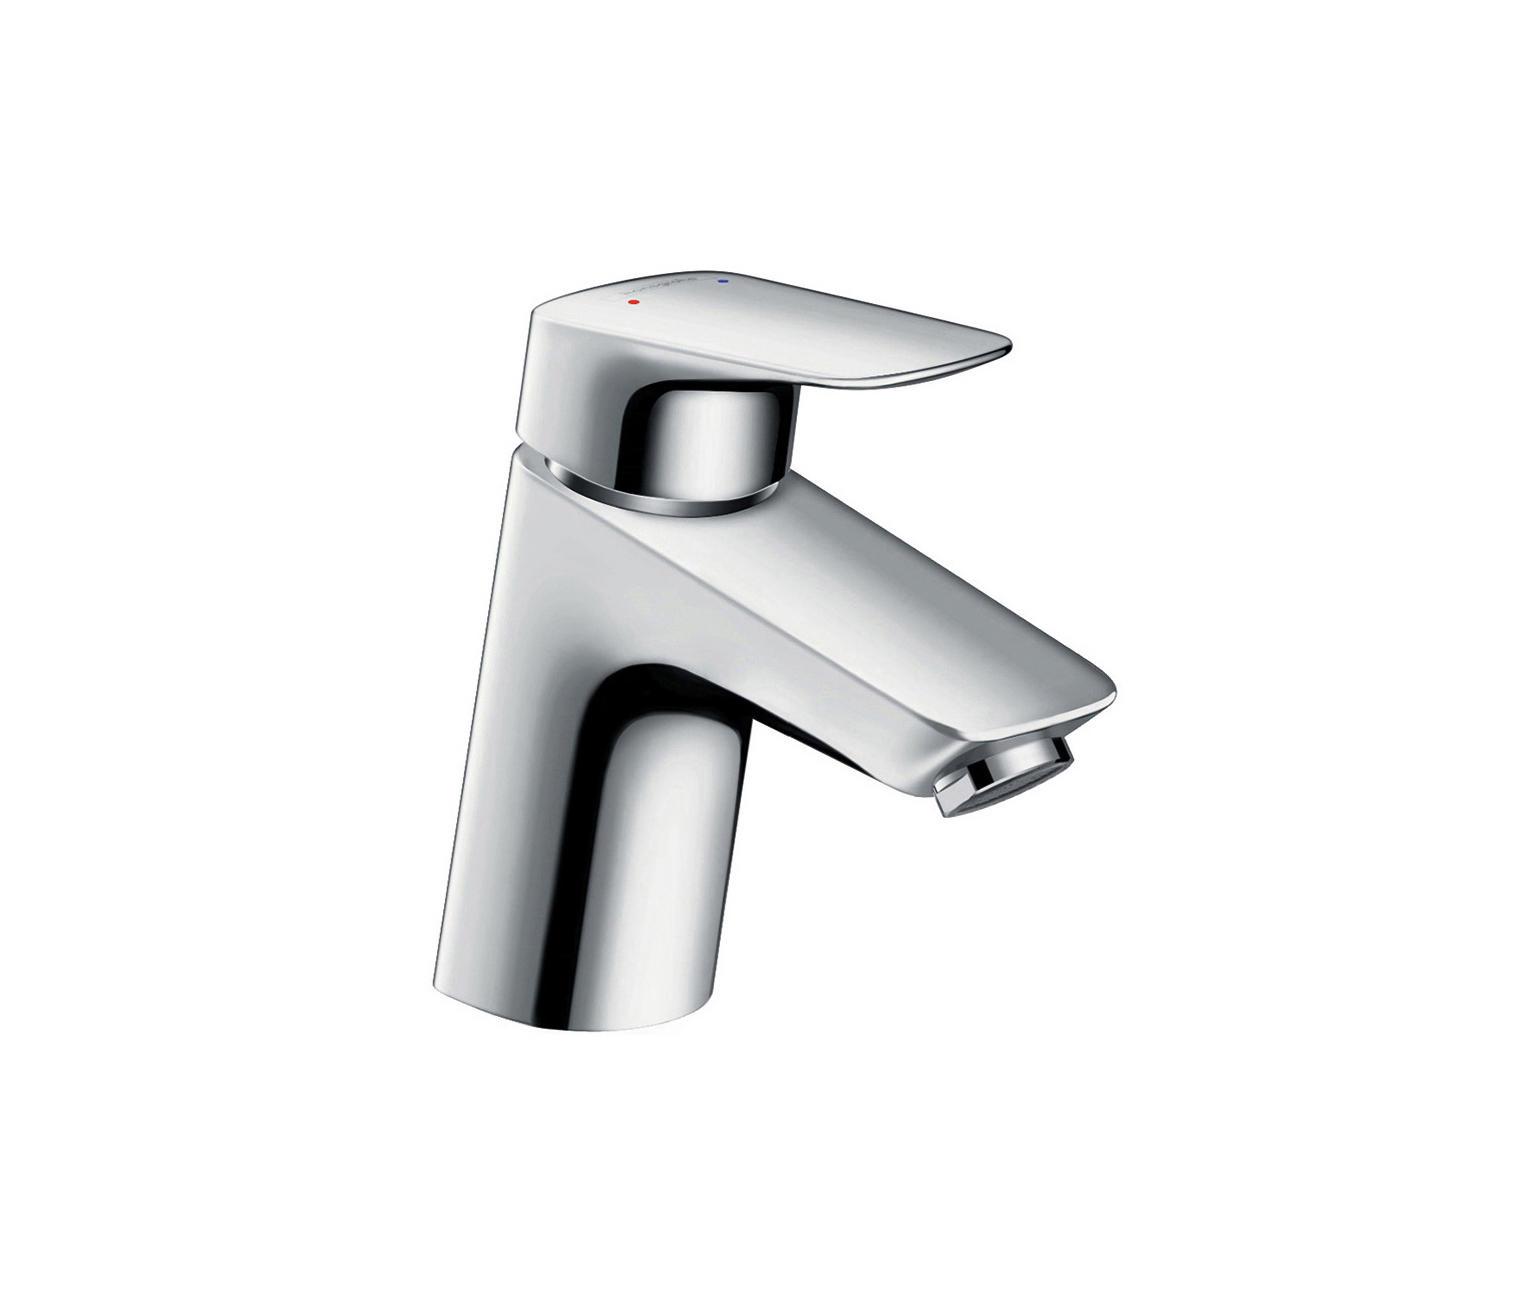 hansgrohe logis 70 mitigeur de lavabo avec push open robinetterie pour lavabo de hansgrohe. Black Bedroom Furniture Sets. Home Design Ideas